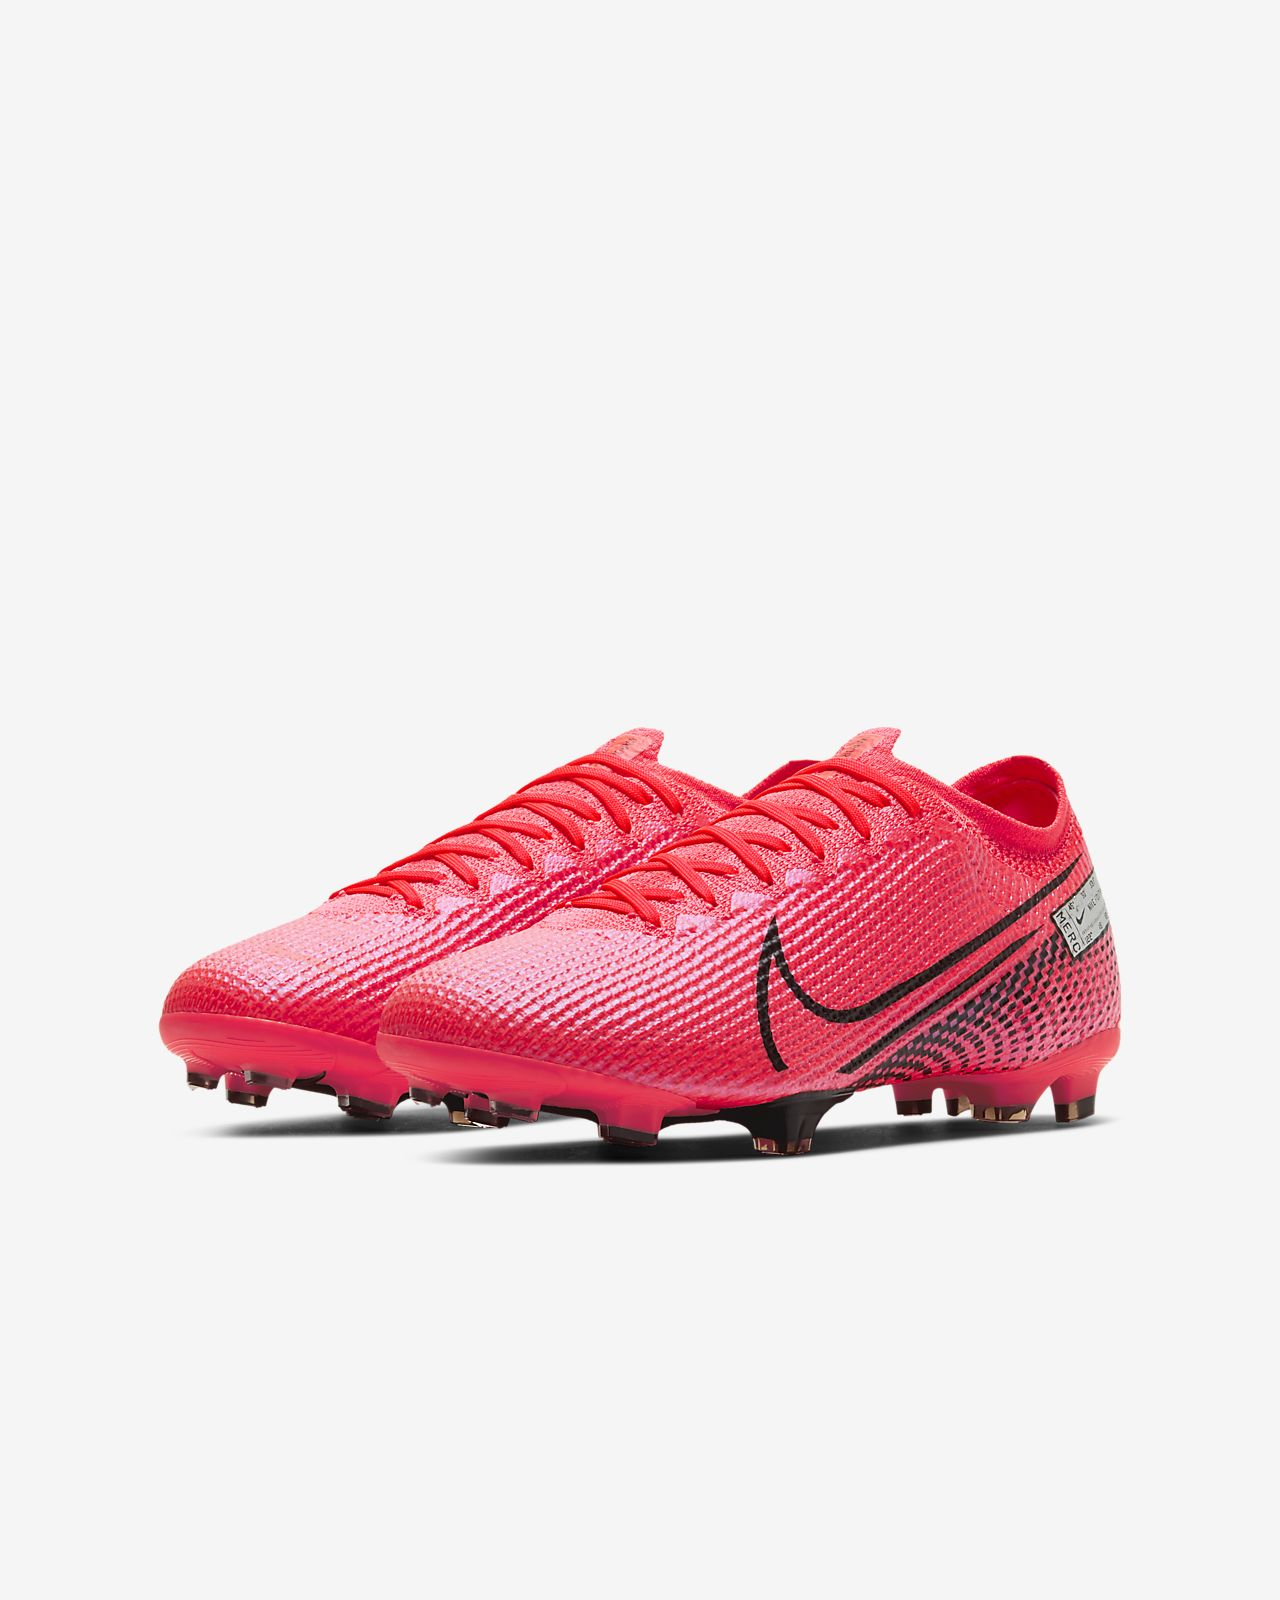 Kjøp Nike Barn Mercurial Vapor XII Pro FG Fotballsko Sort